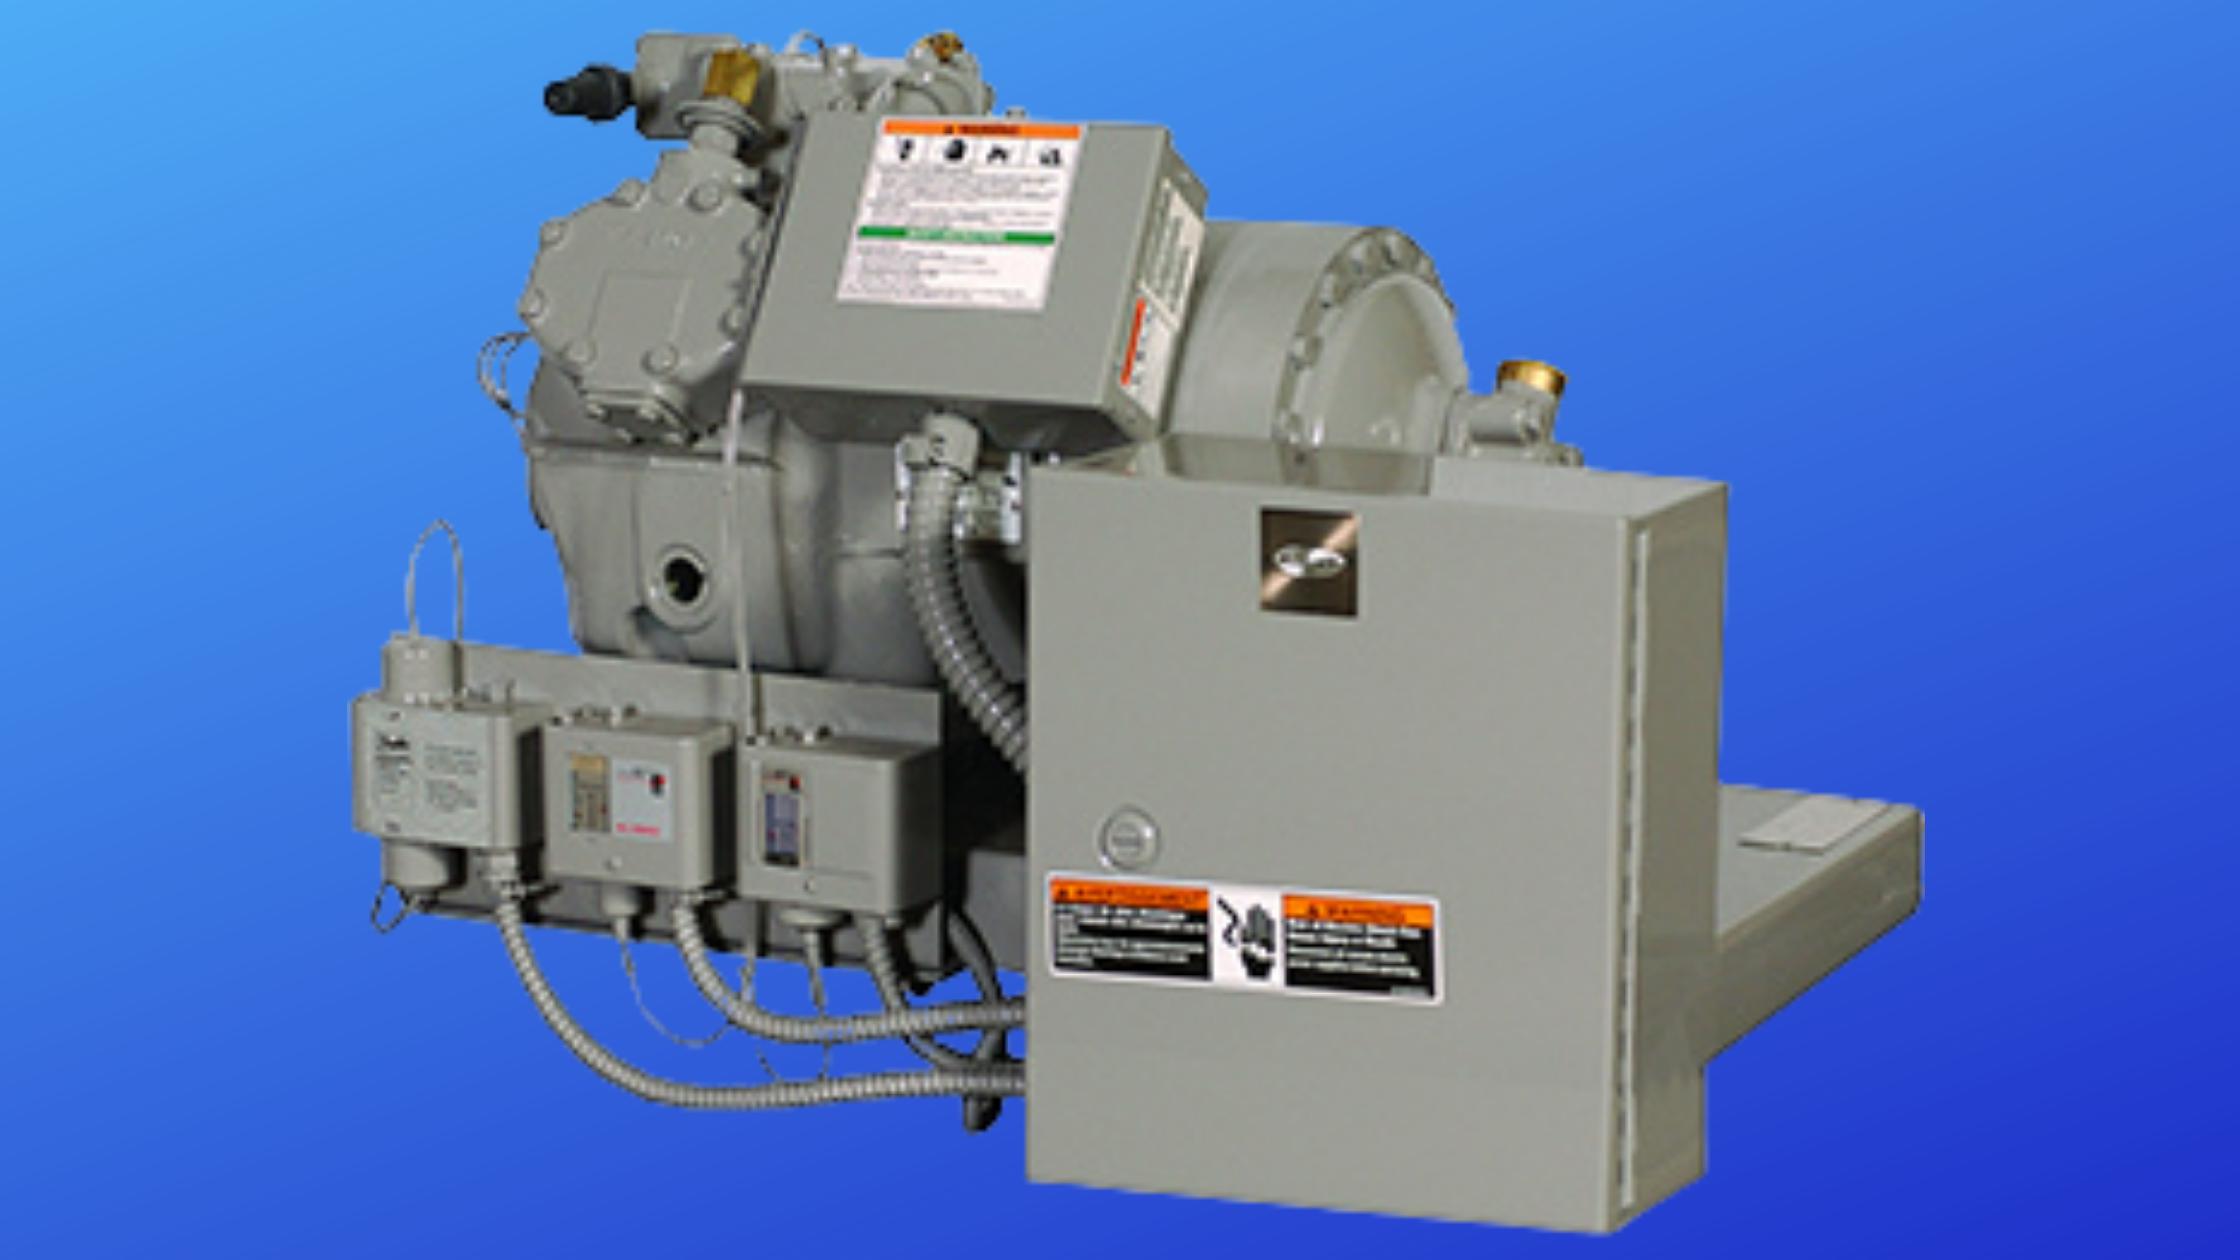 Carrier 06E commercial compressor